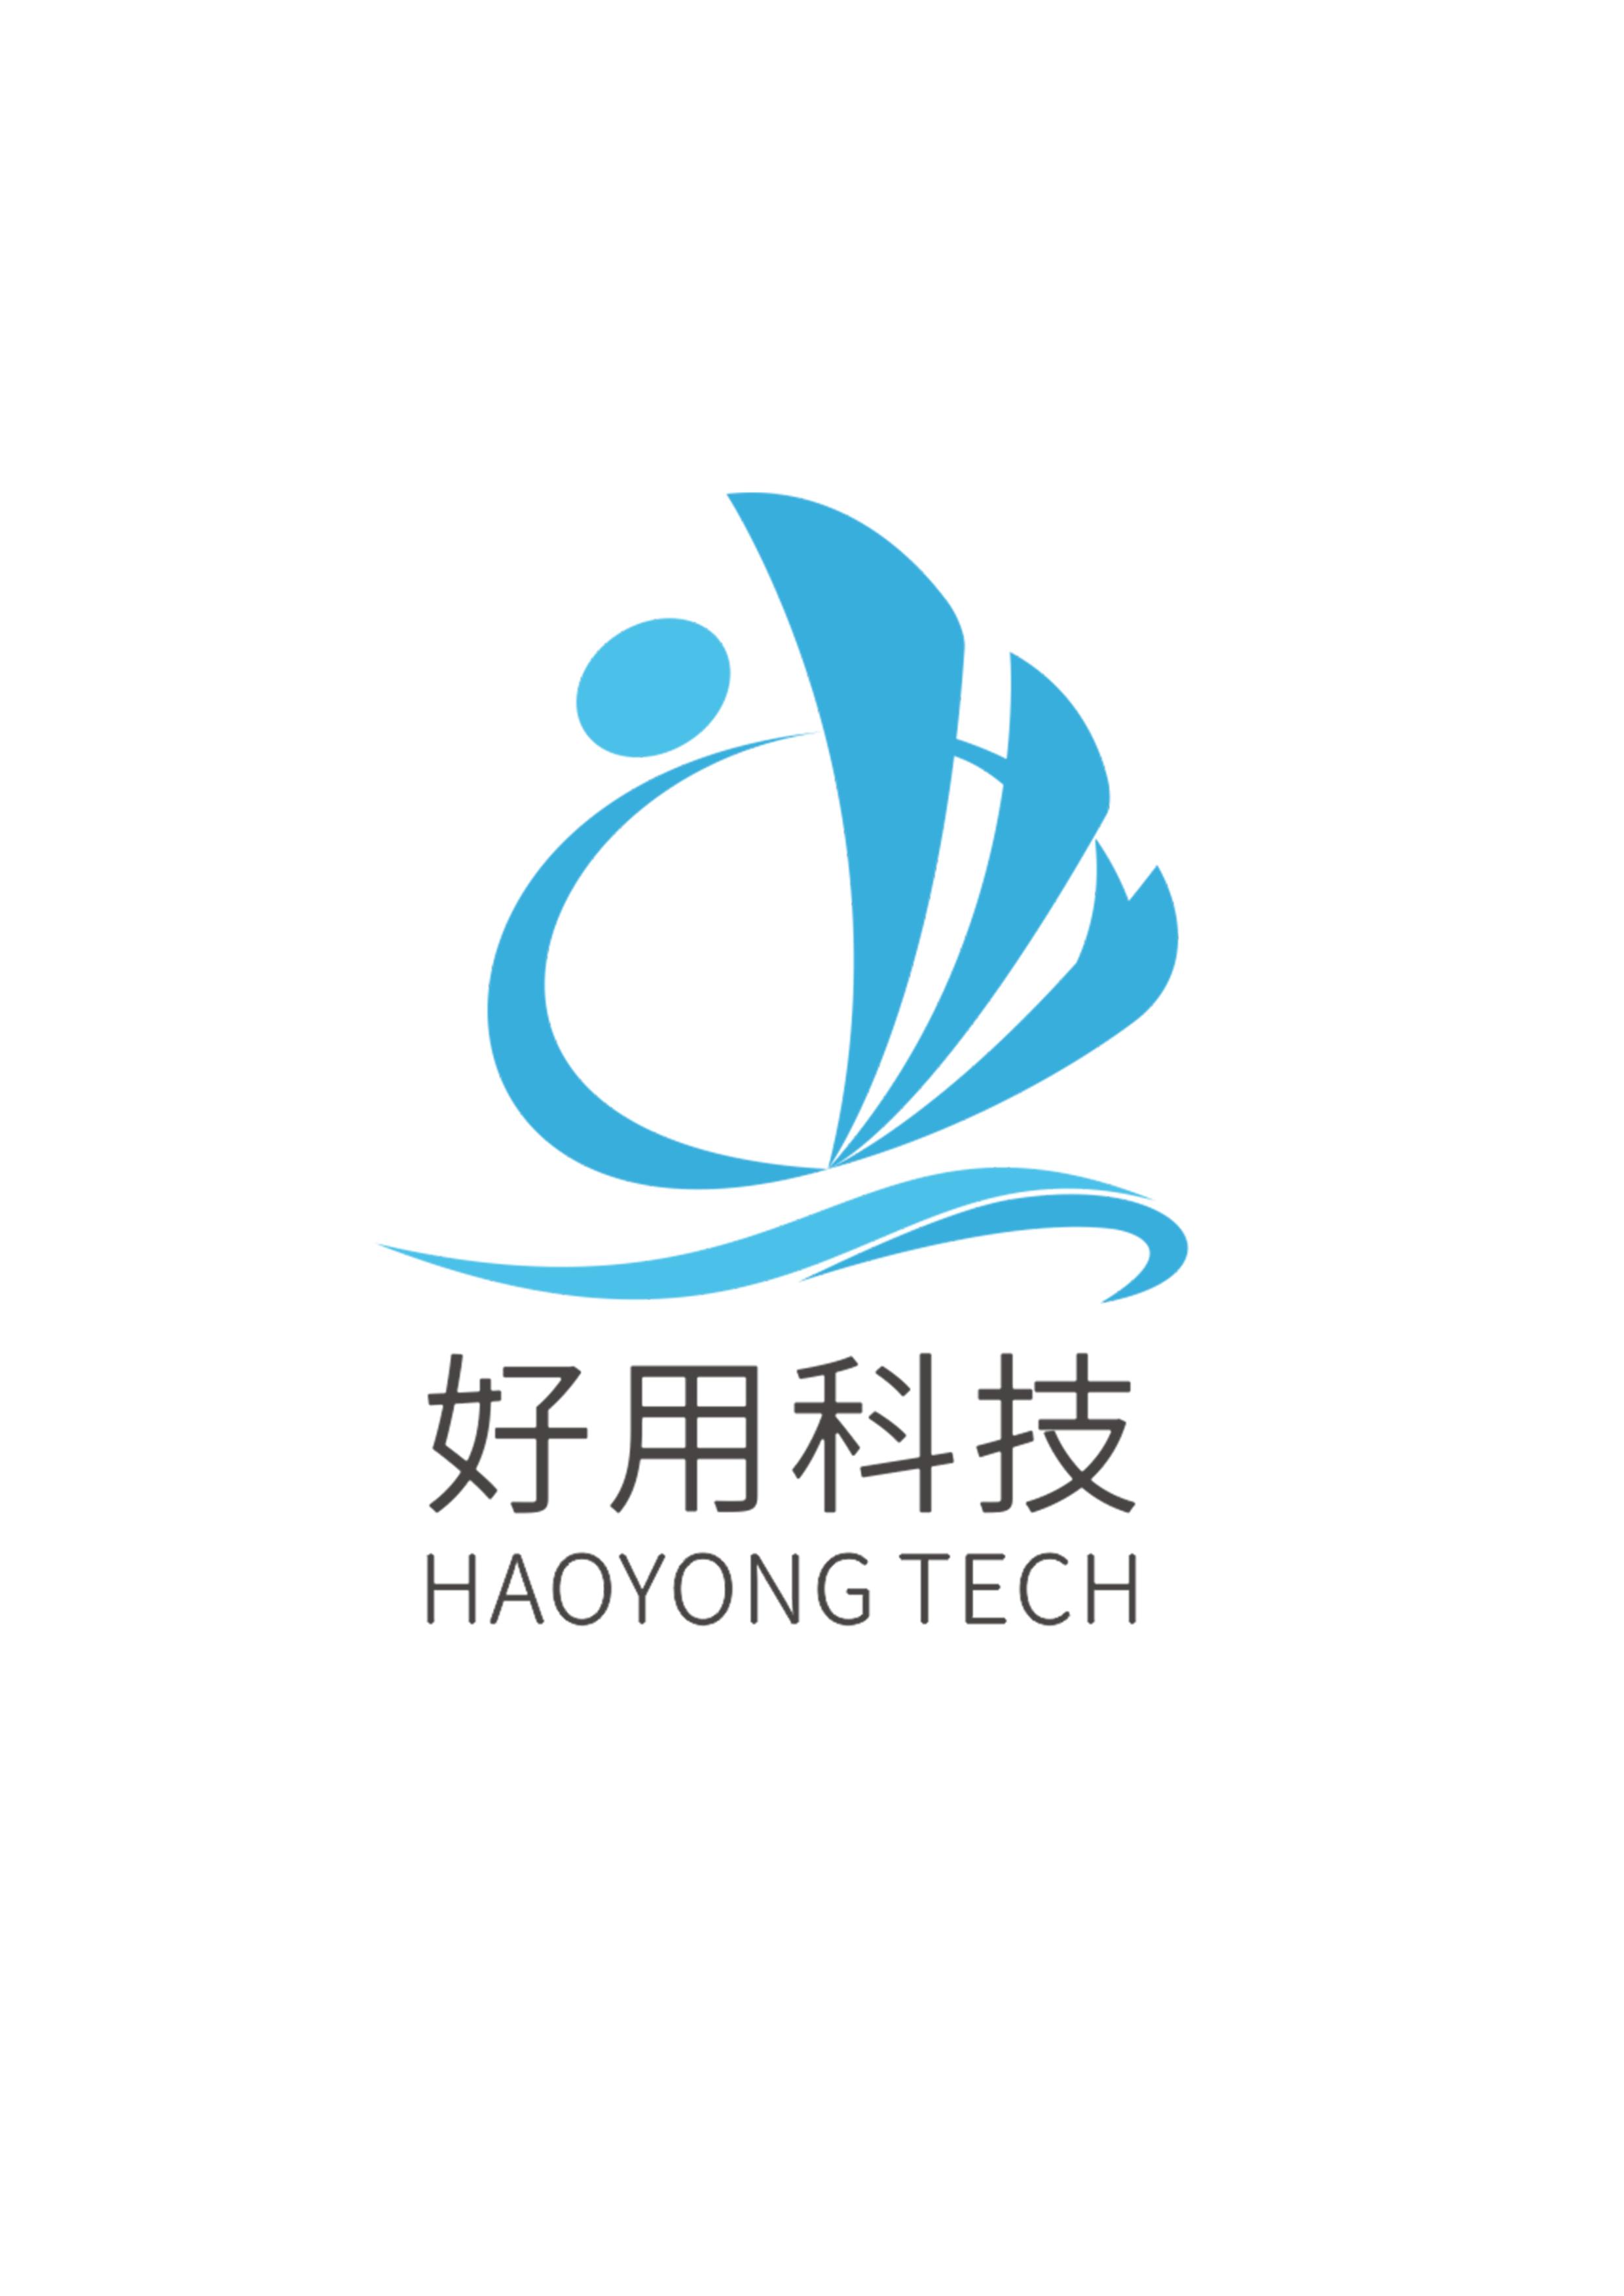 广州好用科技有限公司